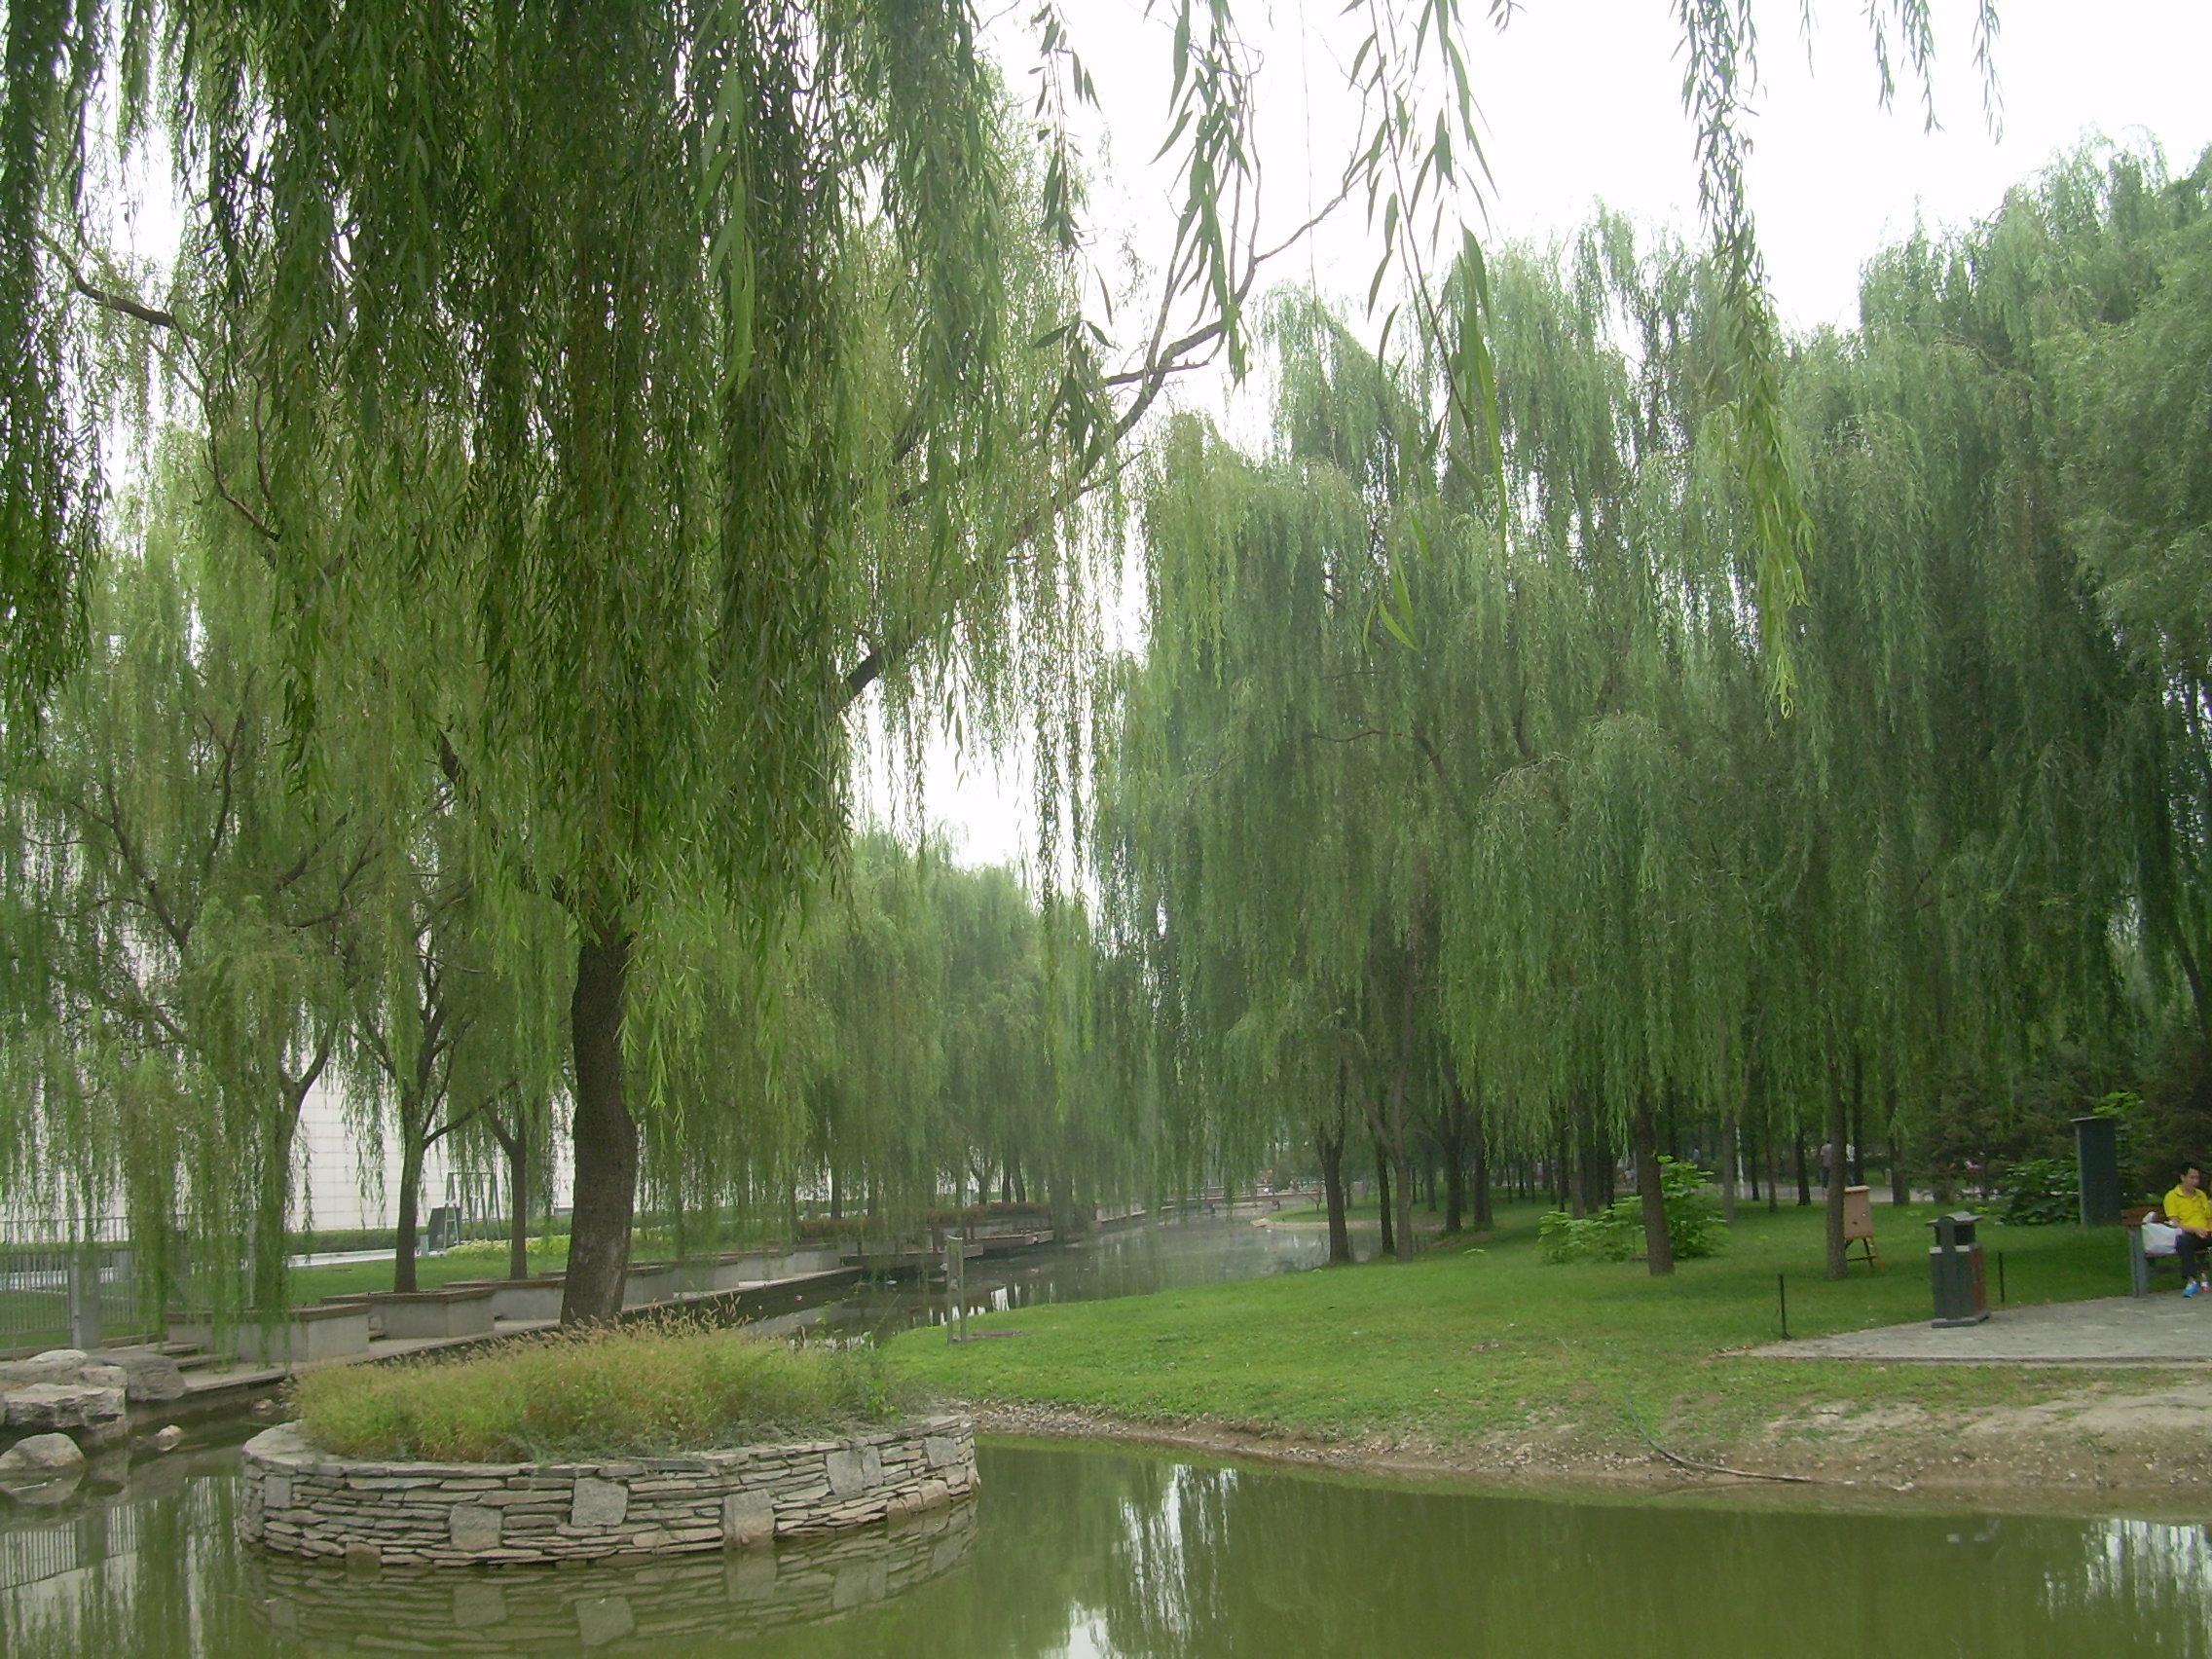 壁纸 垂柳 电脑 风景 风景壁纸 柳树 摄影 树 桌面 2272_1704